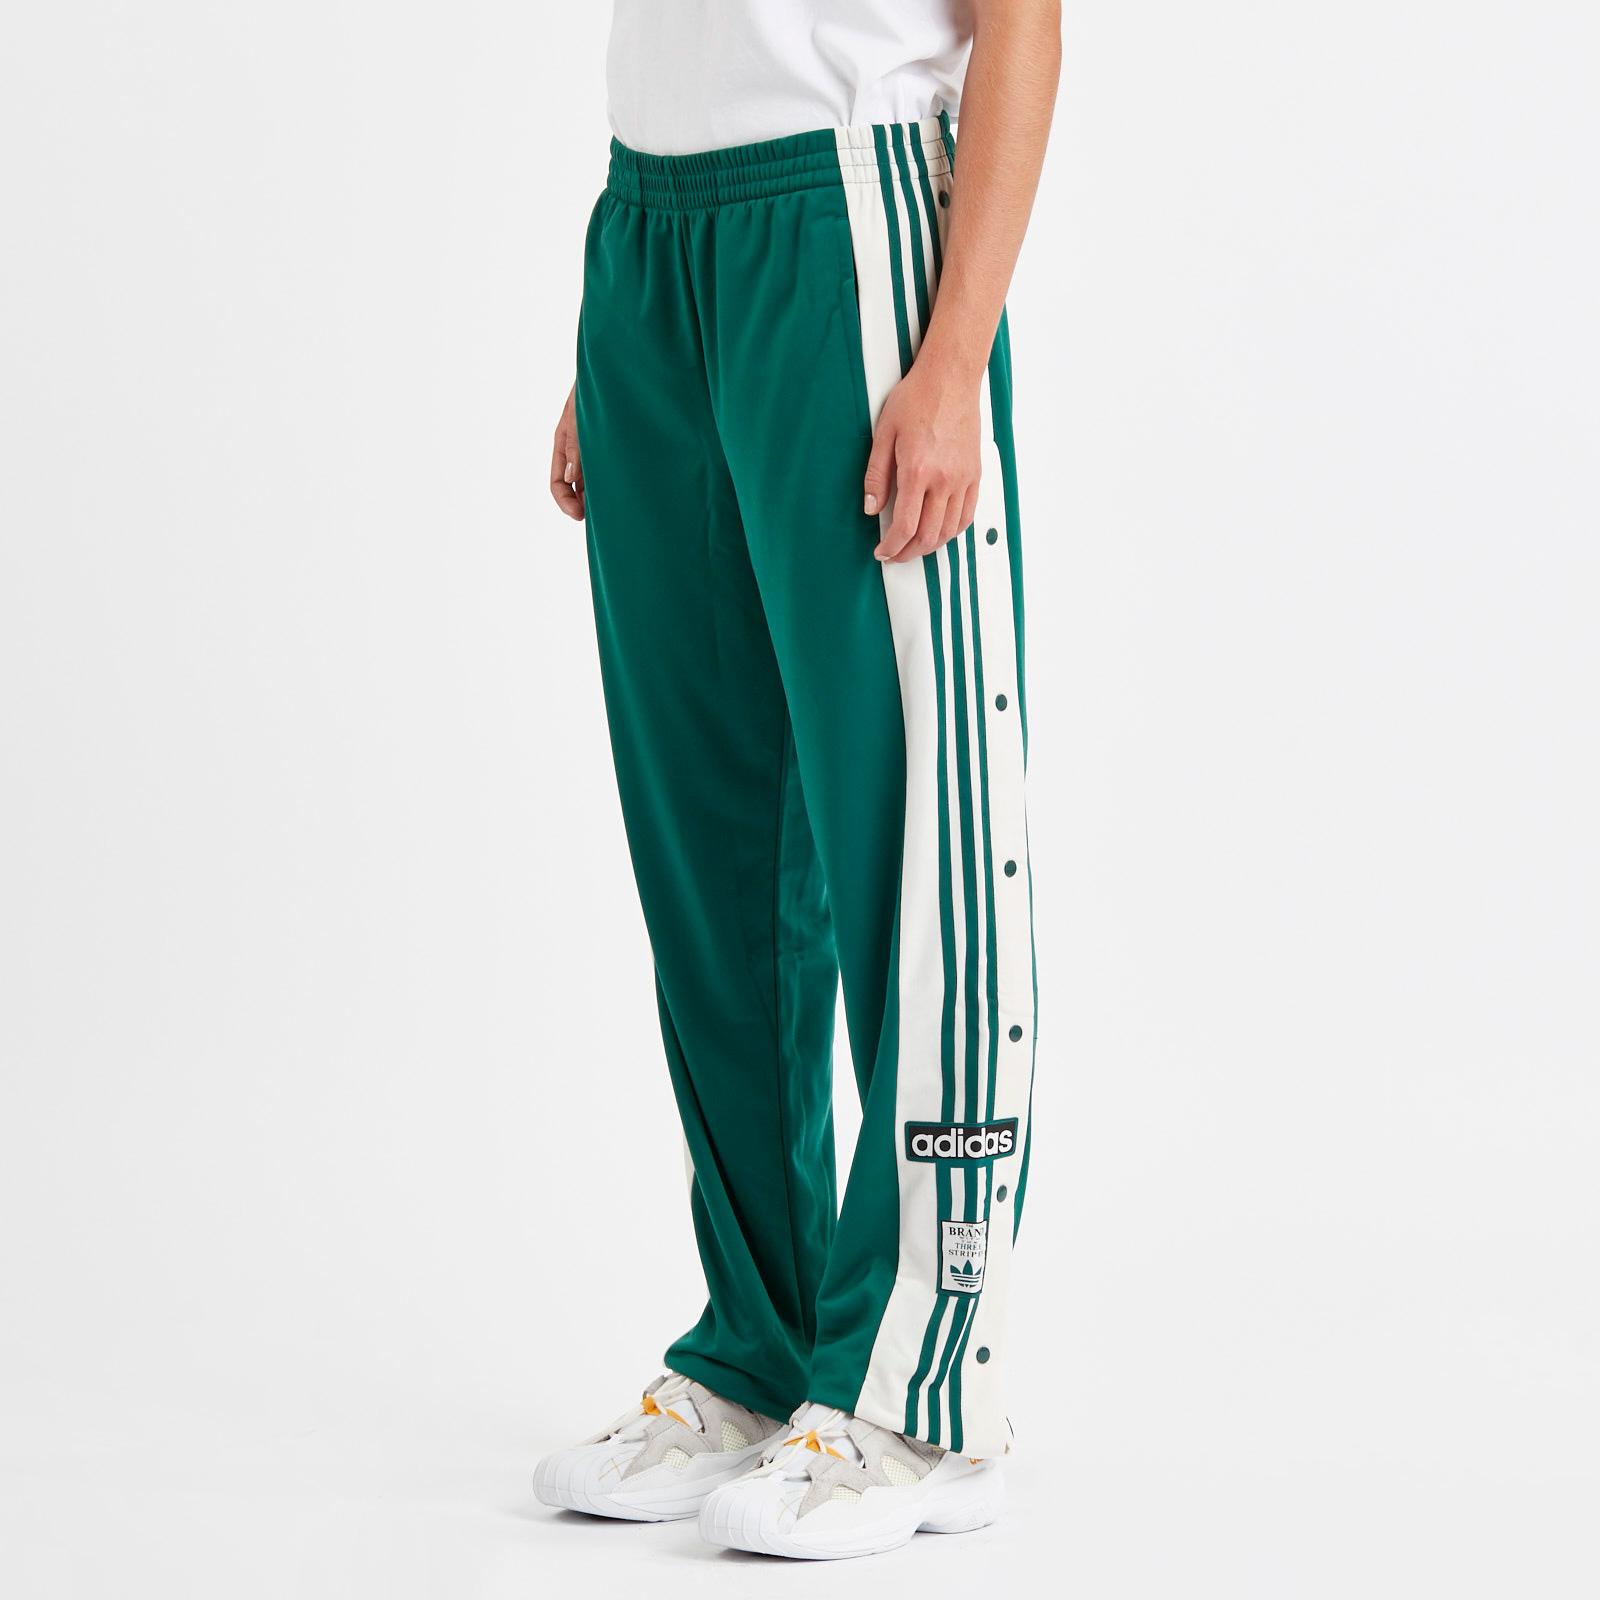 adidas track pants 90s off 67% skolanlar.nu